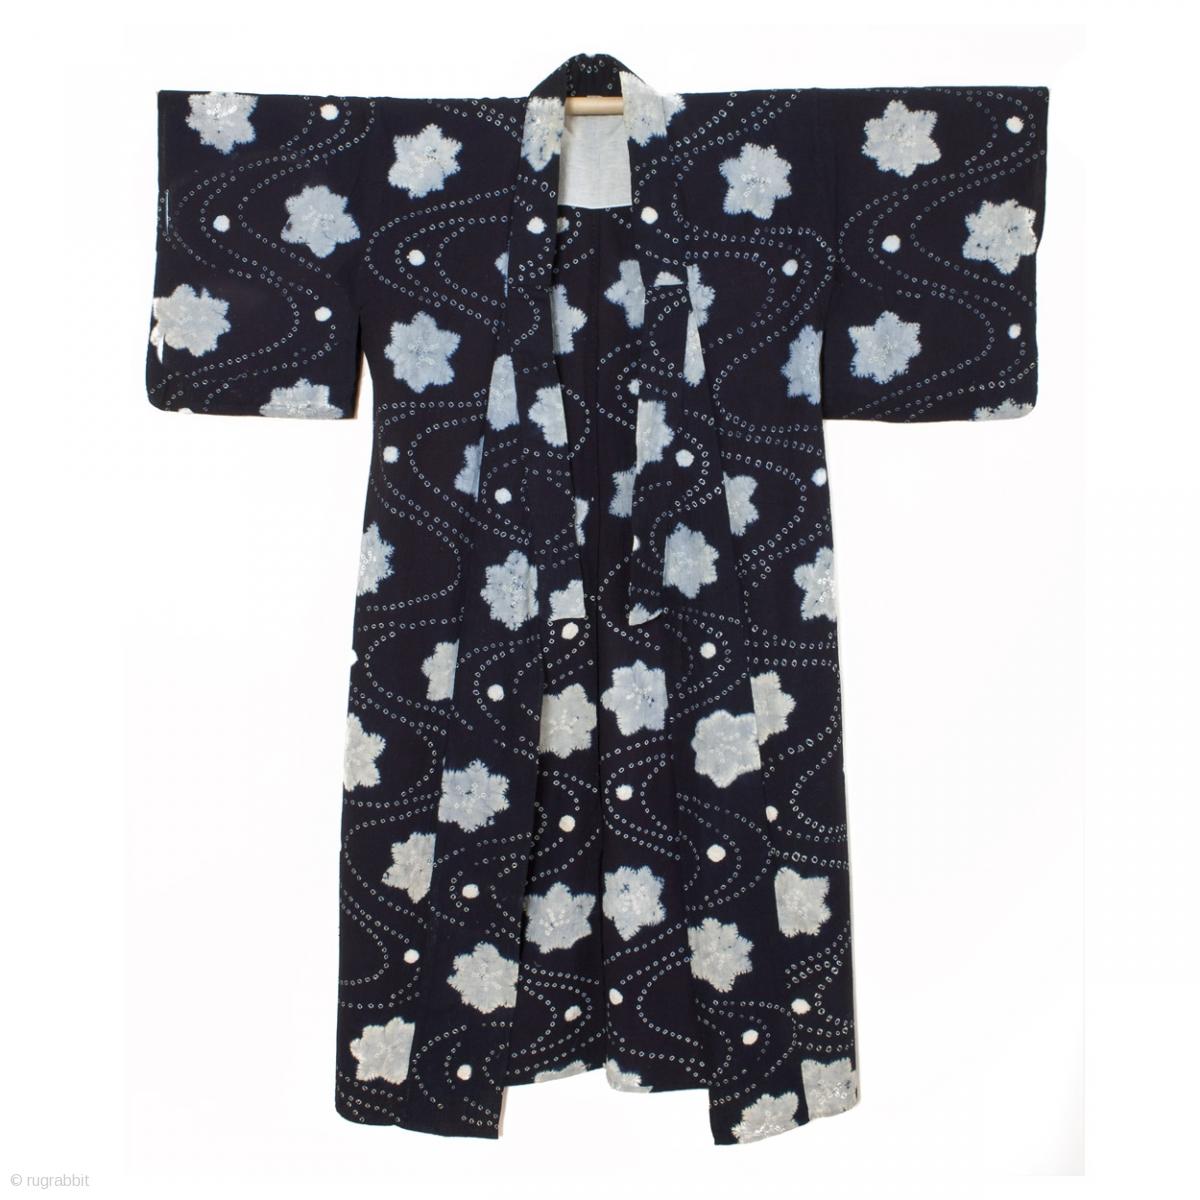 This Is A Japanese Indigo Dyed Cotton Shibori Kimono A